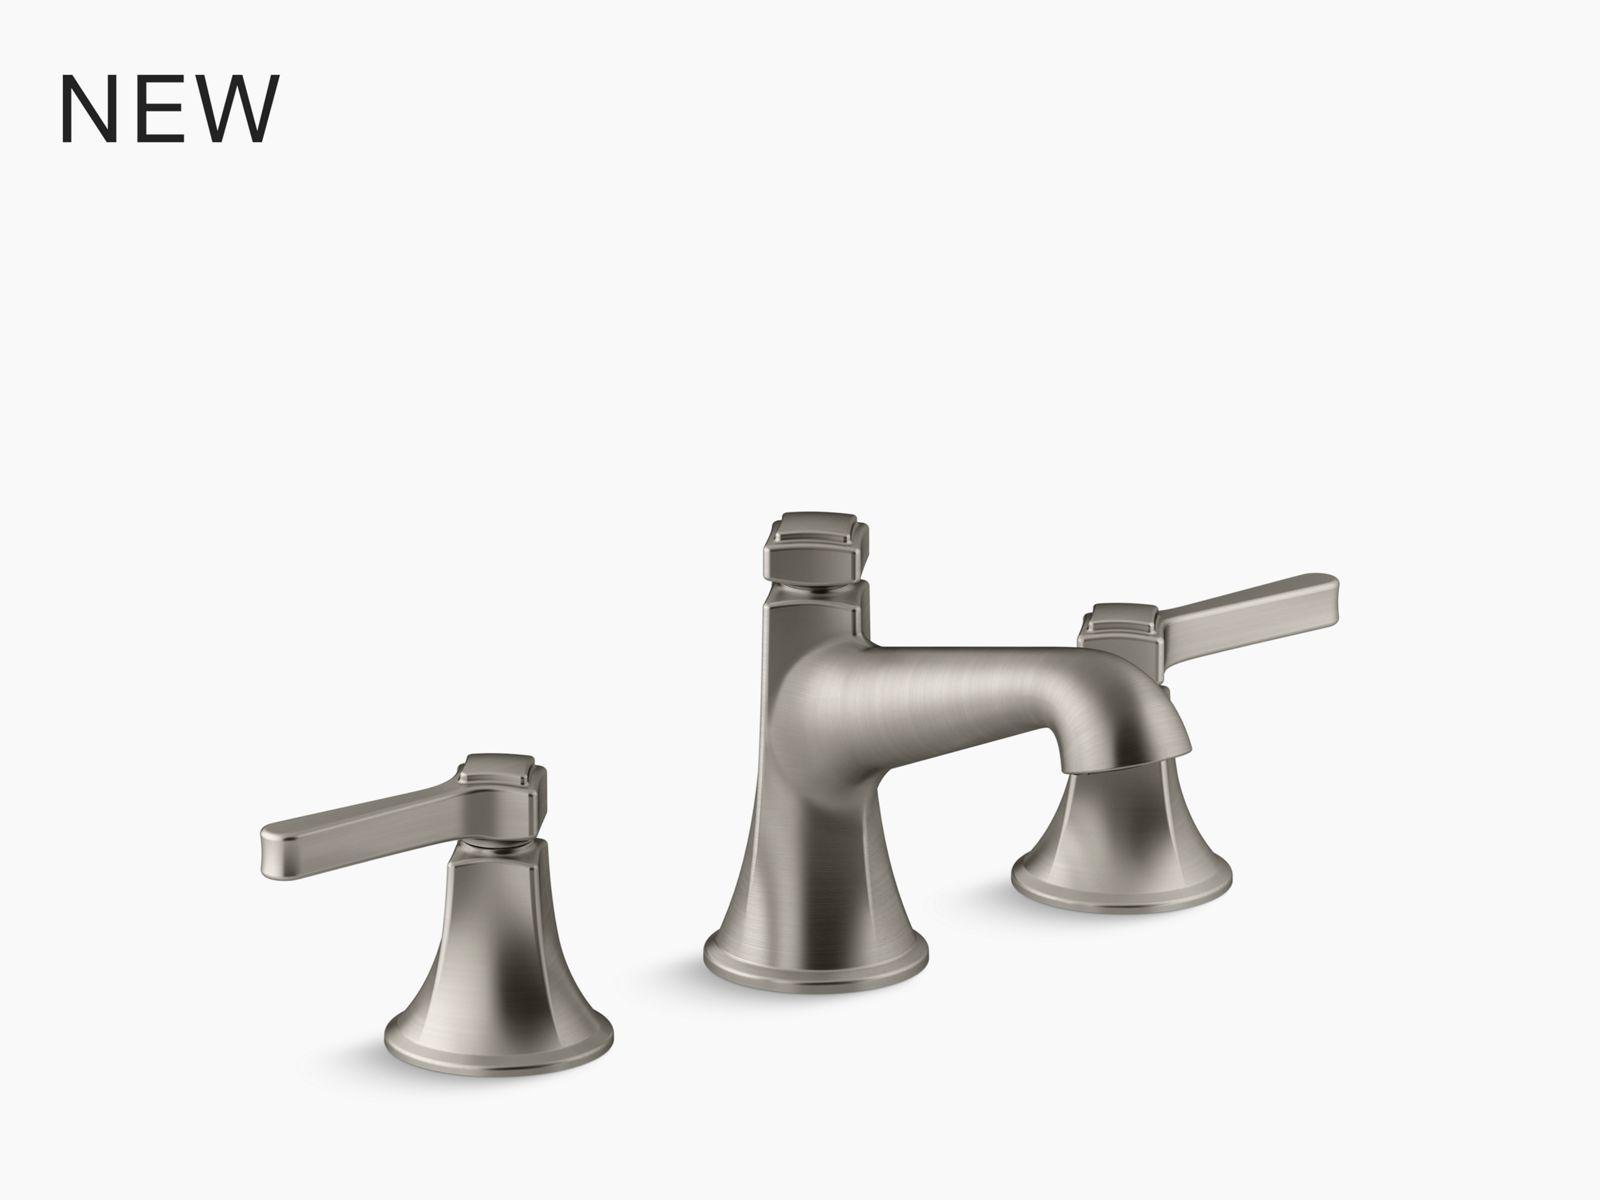 prolific 44 x 18 1 4 x 11 1 16 undermount single bowl workstation kitchen sink with accessories